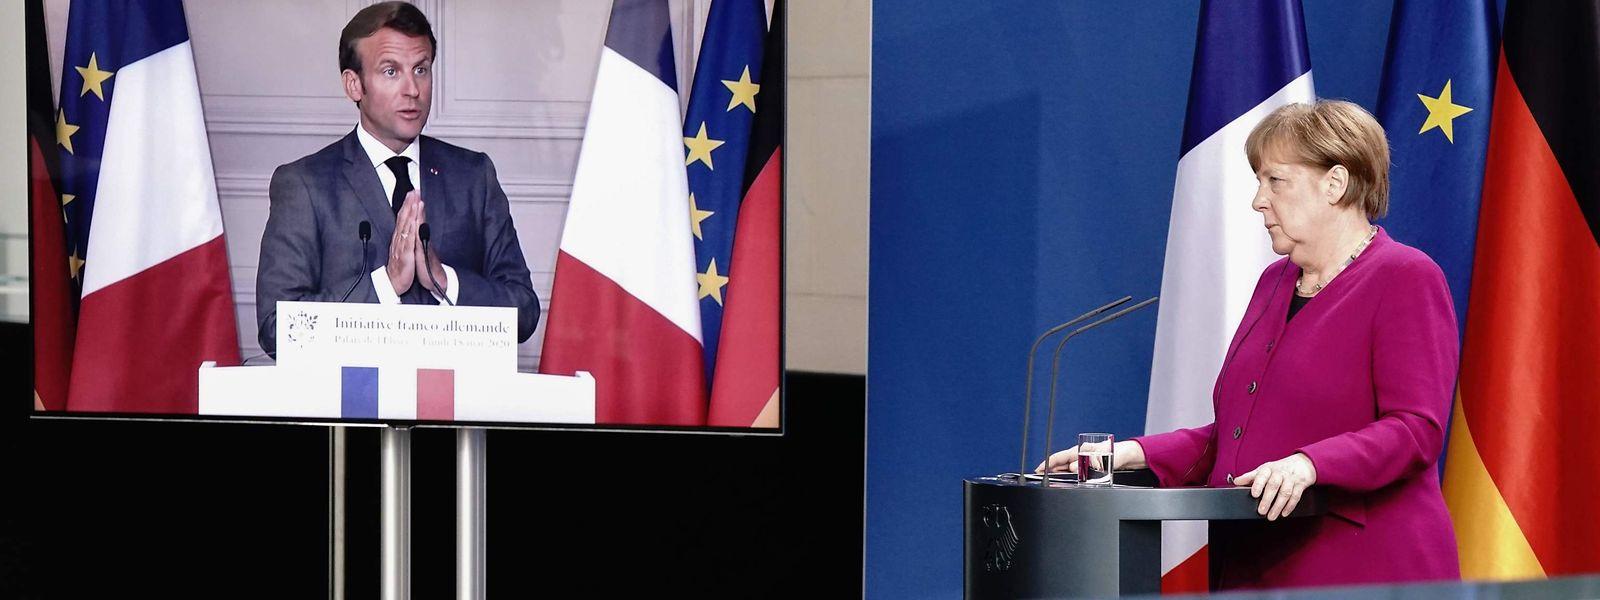 Le couple franco-allemand Macron-Merkel prend les devants pour remobiliser l'unité européenne.